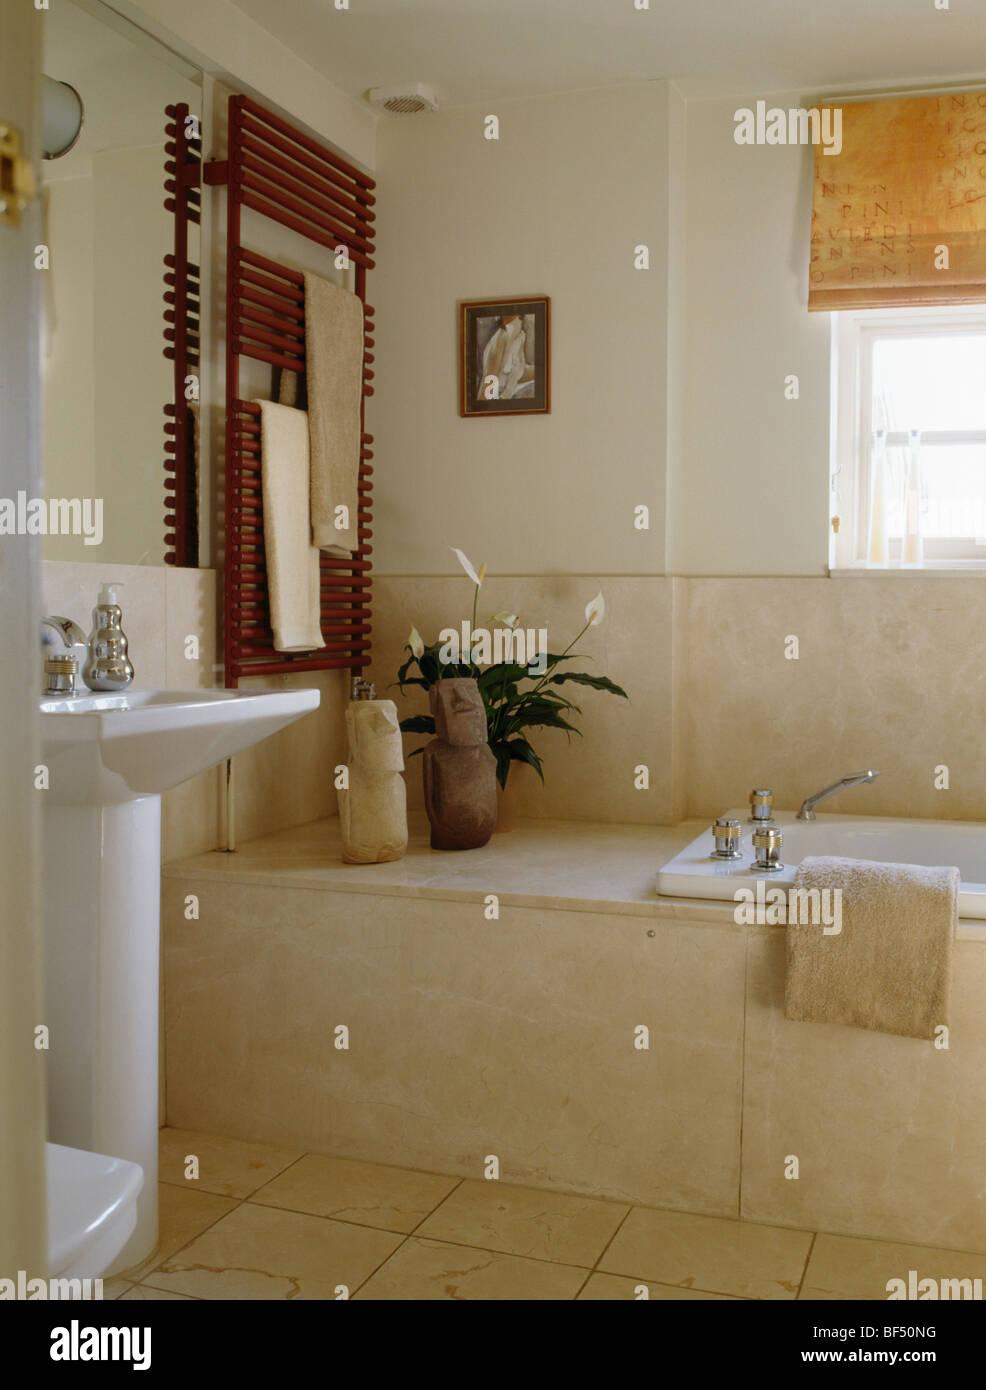 Panel Und Wandfliesen Aus Marmor Geflieste Bad In Creme Bad Mit Wand